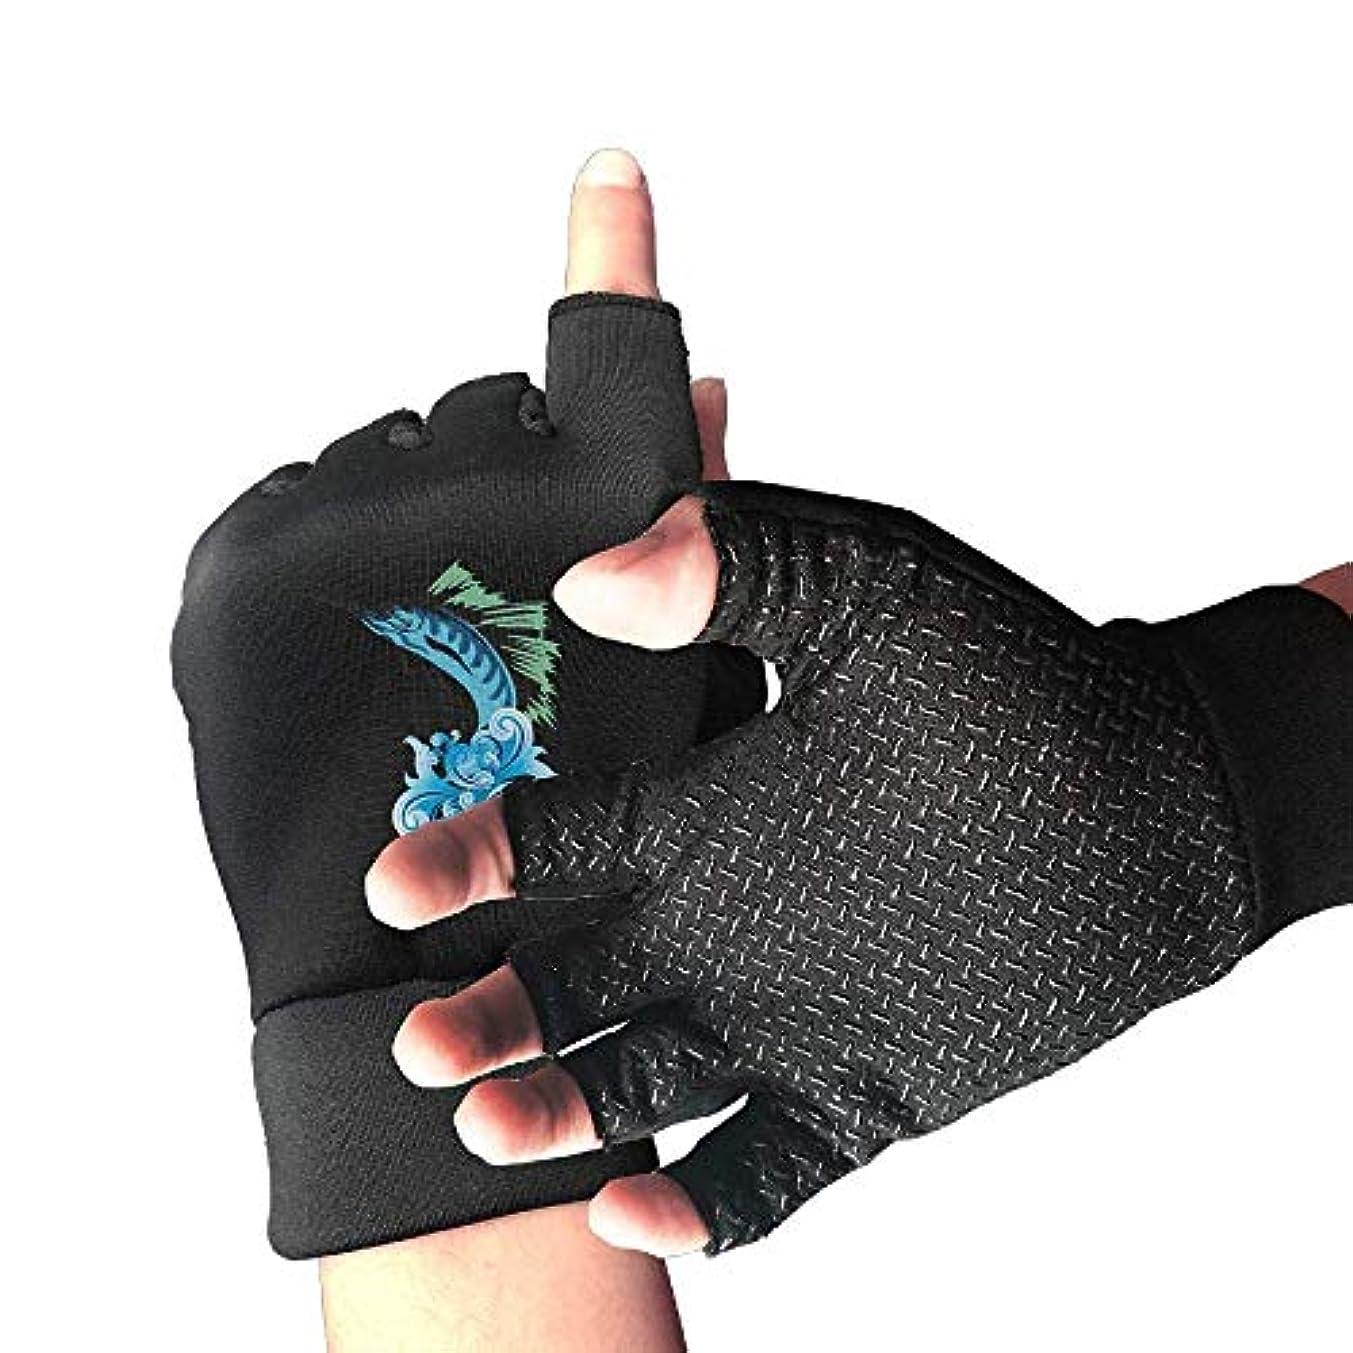 乞食クリーク背景Cycling Gloves Blue Swordfish Men's/Women's Mountain Bike Gloves Half Finger Anti-Slip Motorcycle Gloves